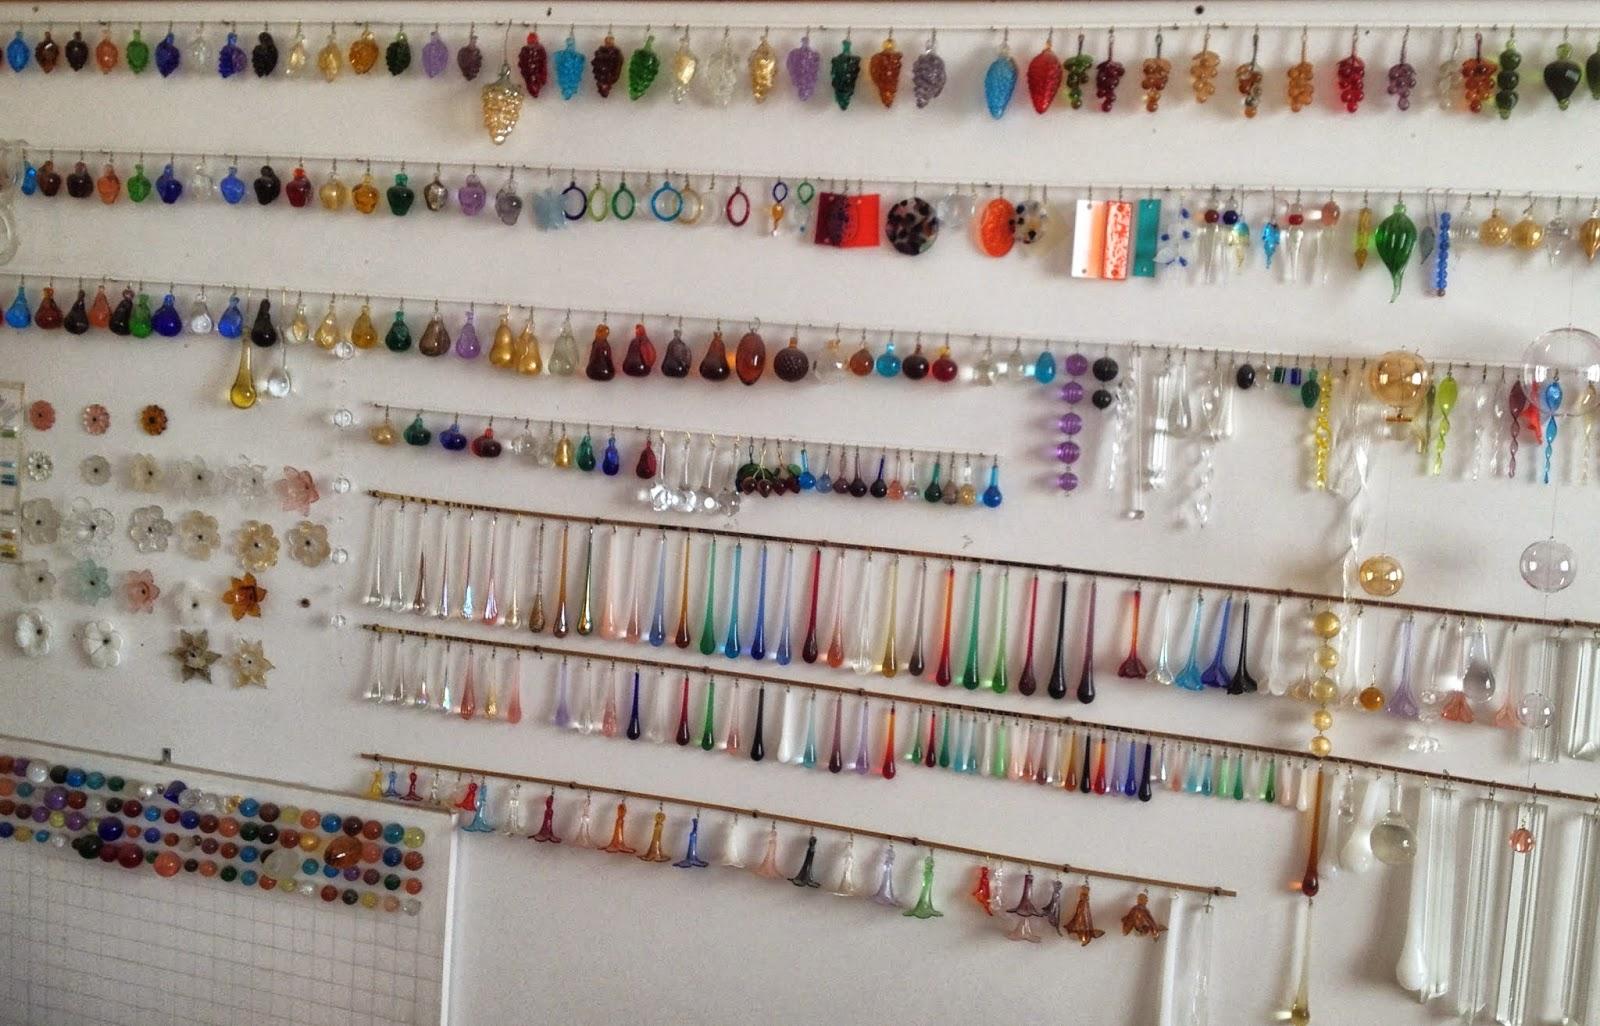 ricambi per lampadari : Ricambi per lampadari in vetro di Murano: 17\01\2016 Catalogo ...